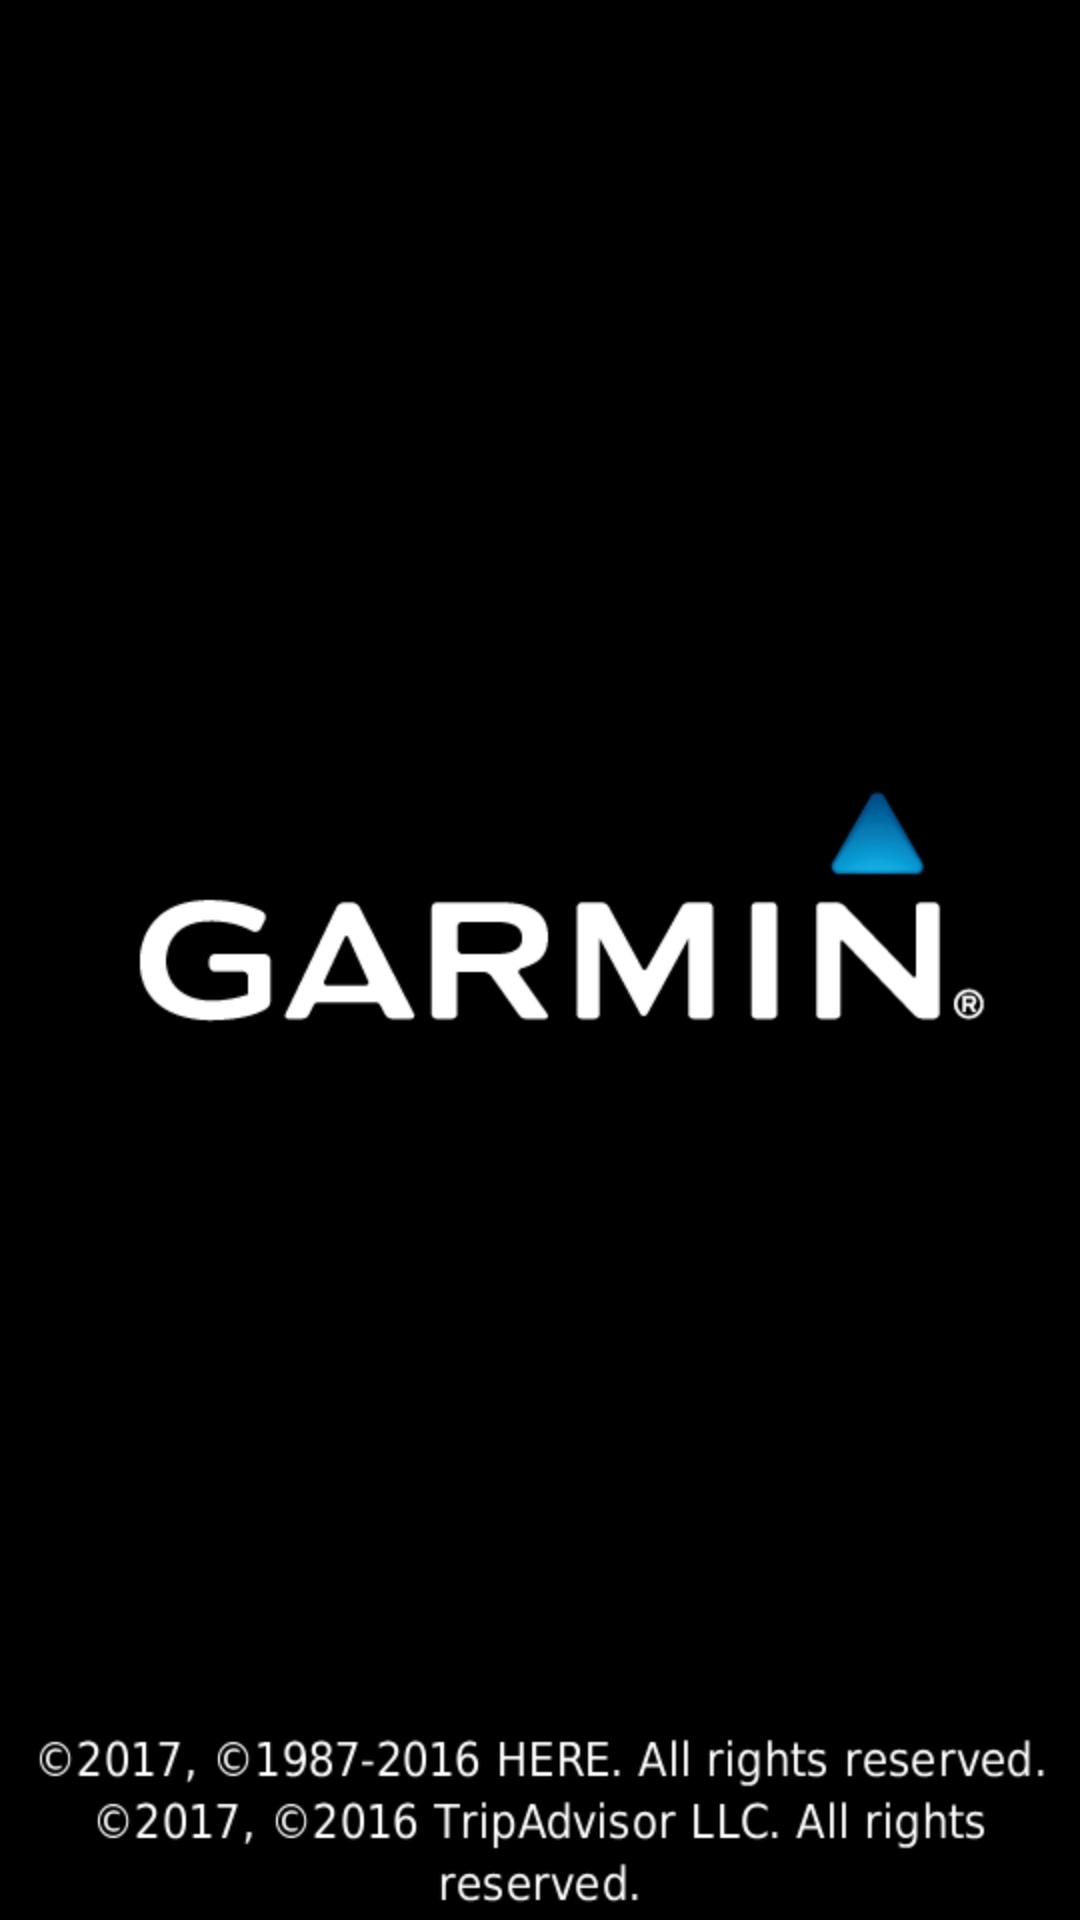 GPS Forums - Tomtom, iGO, Garmin, Sygic, Navigon, Cars GPS